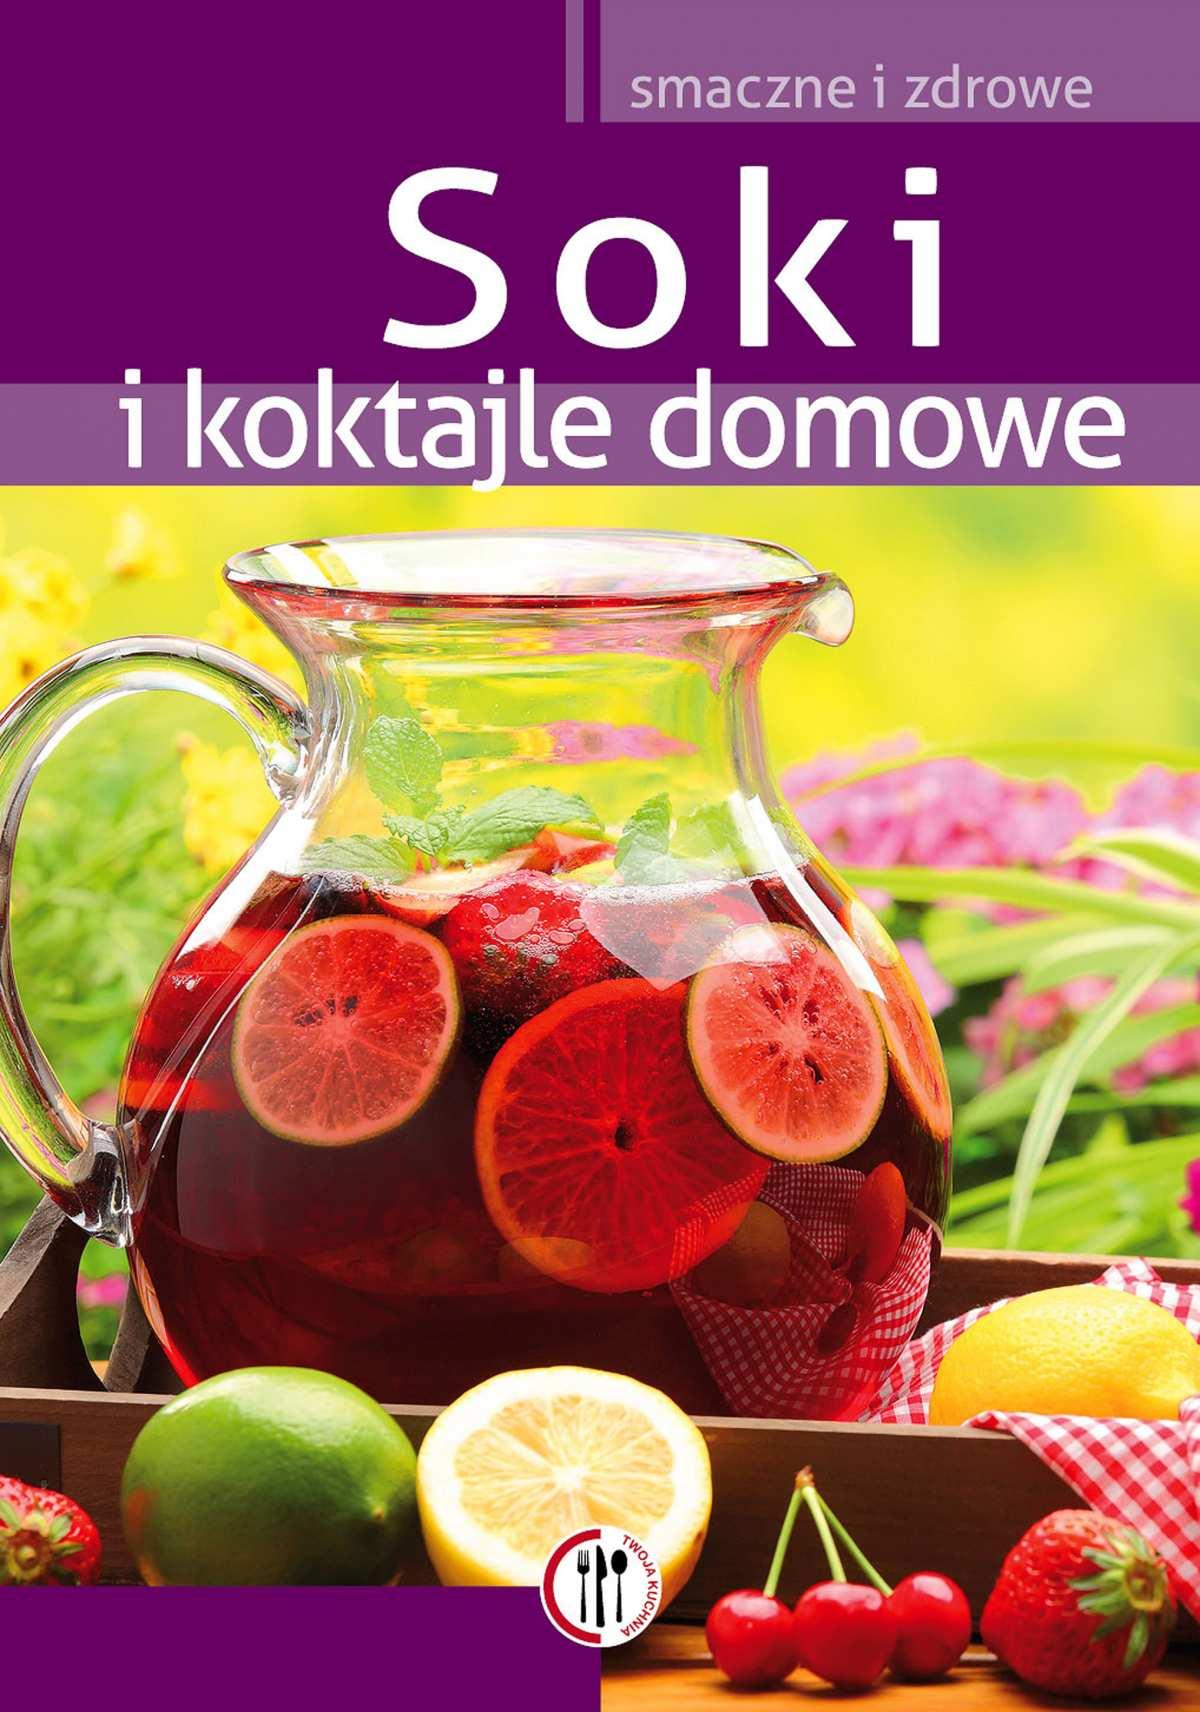 Soki i koktajle domowe - Ebook (Książka PDF) do pobrania w formacie PDF